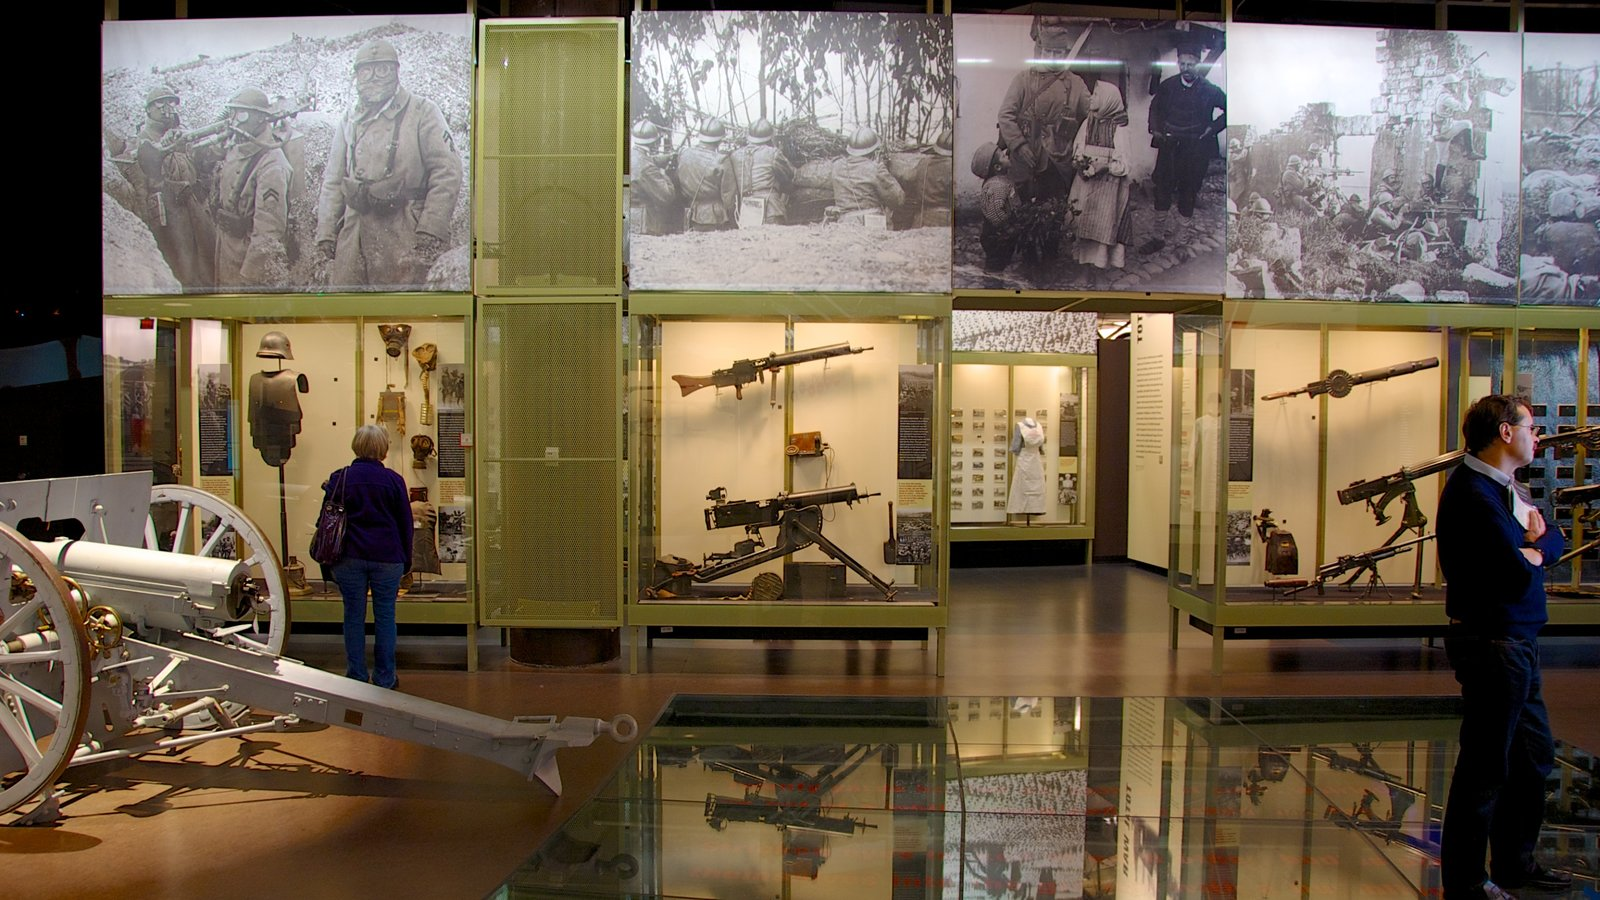 Liberty Memorial caracterizando vistas internas, um memorial e itens militares